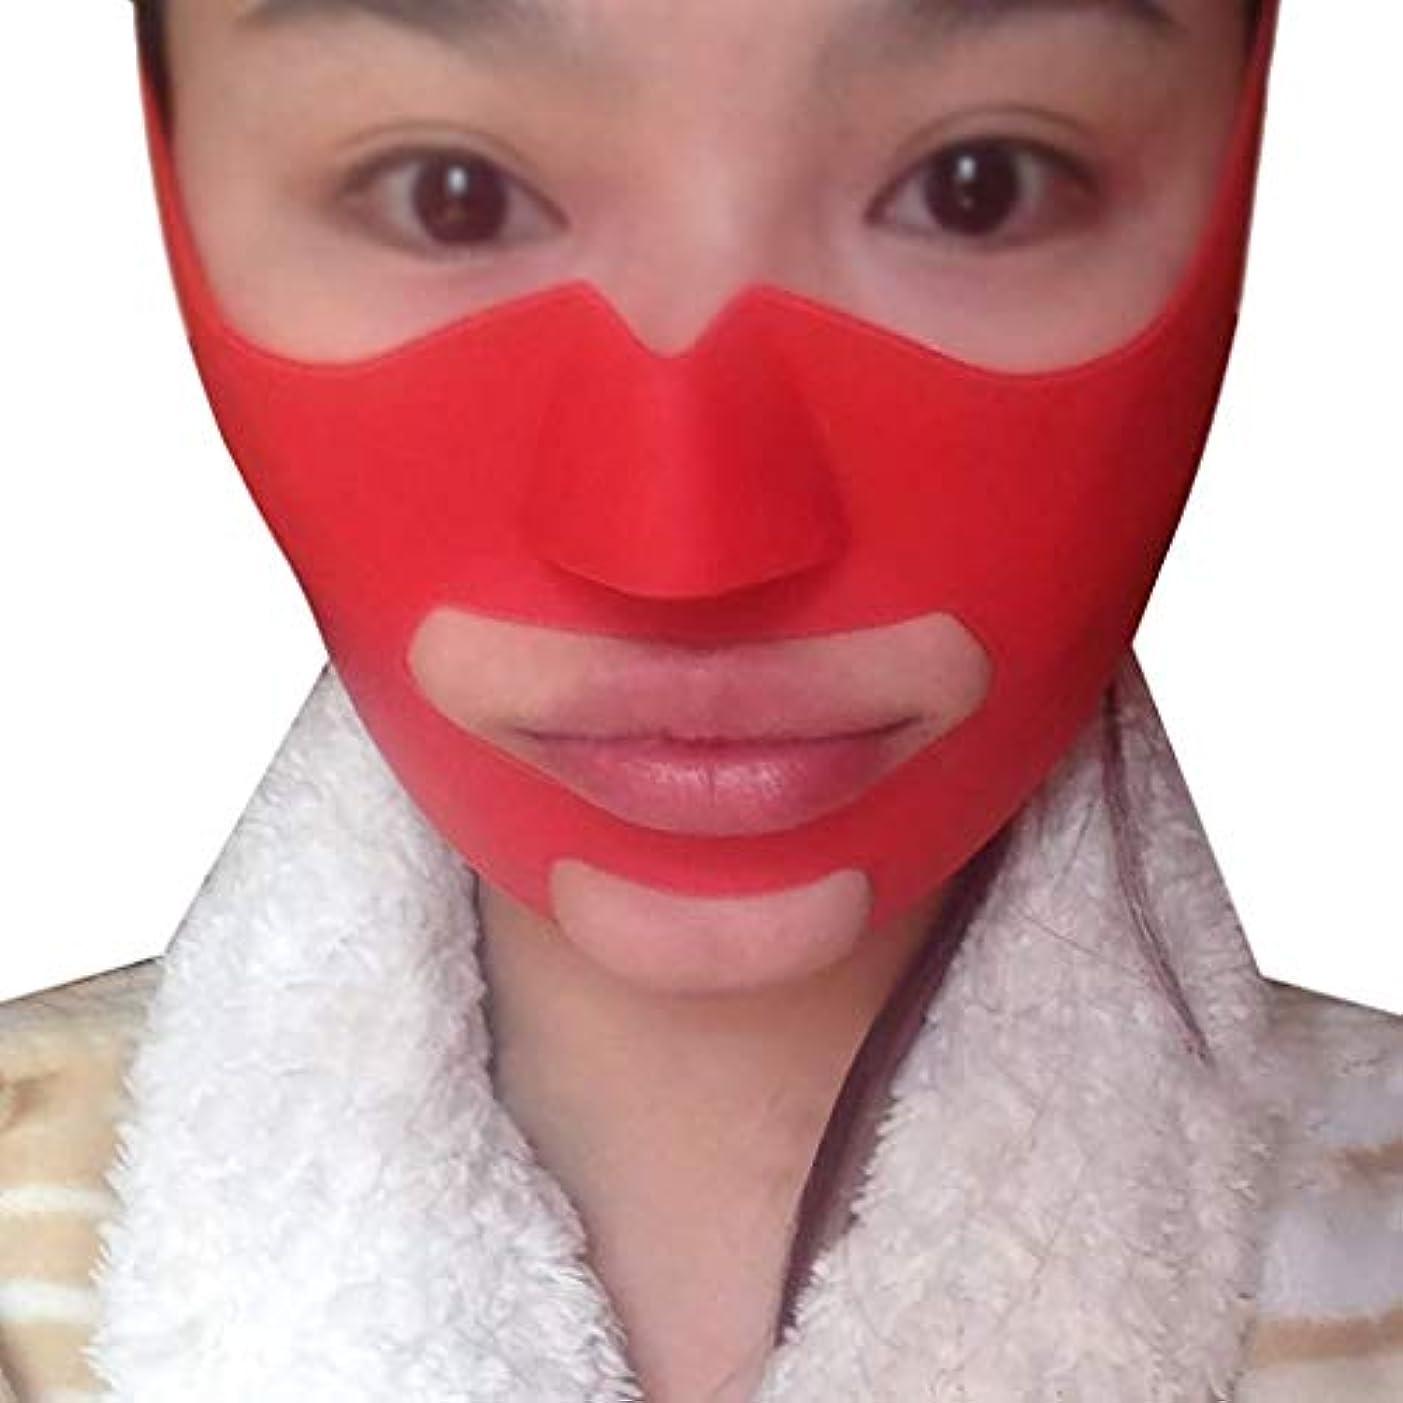 専門化する補充薬局フェイスリフトマスク、シリコーンVフェイスマスクフェイスマスク強力な薄い咬筋筋肉を持ち上げるアップルの筋肉パターン布アーティファクト小さなV顔包帯顔と首リフト